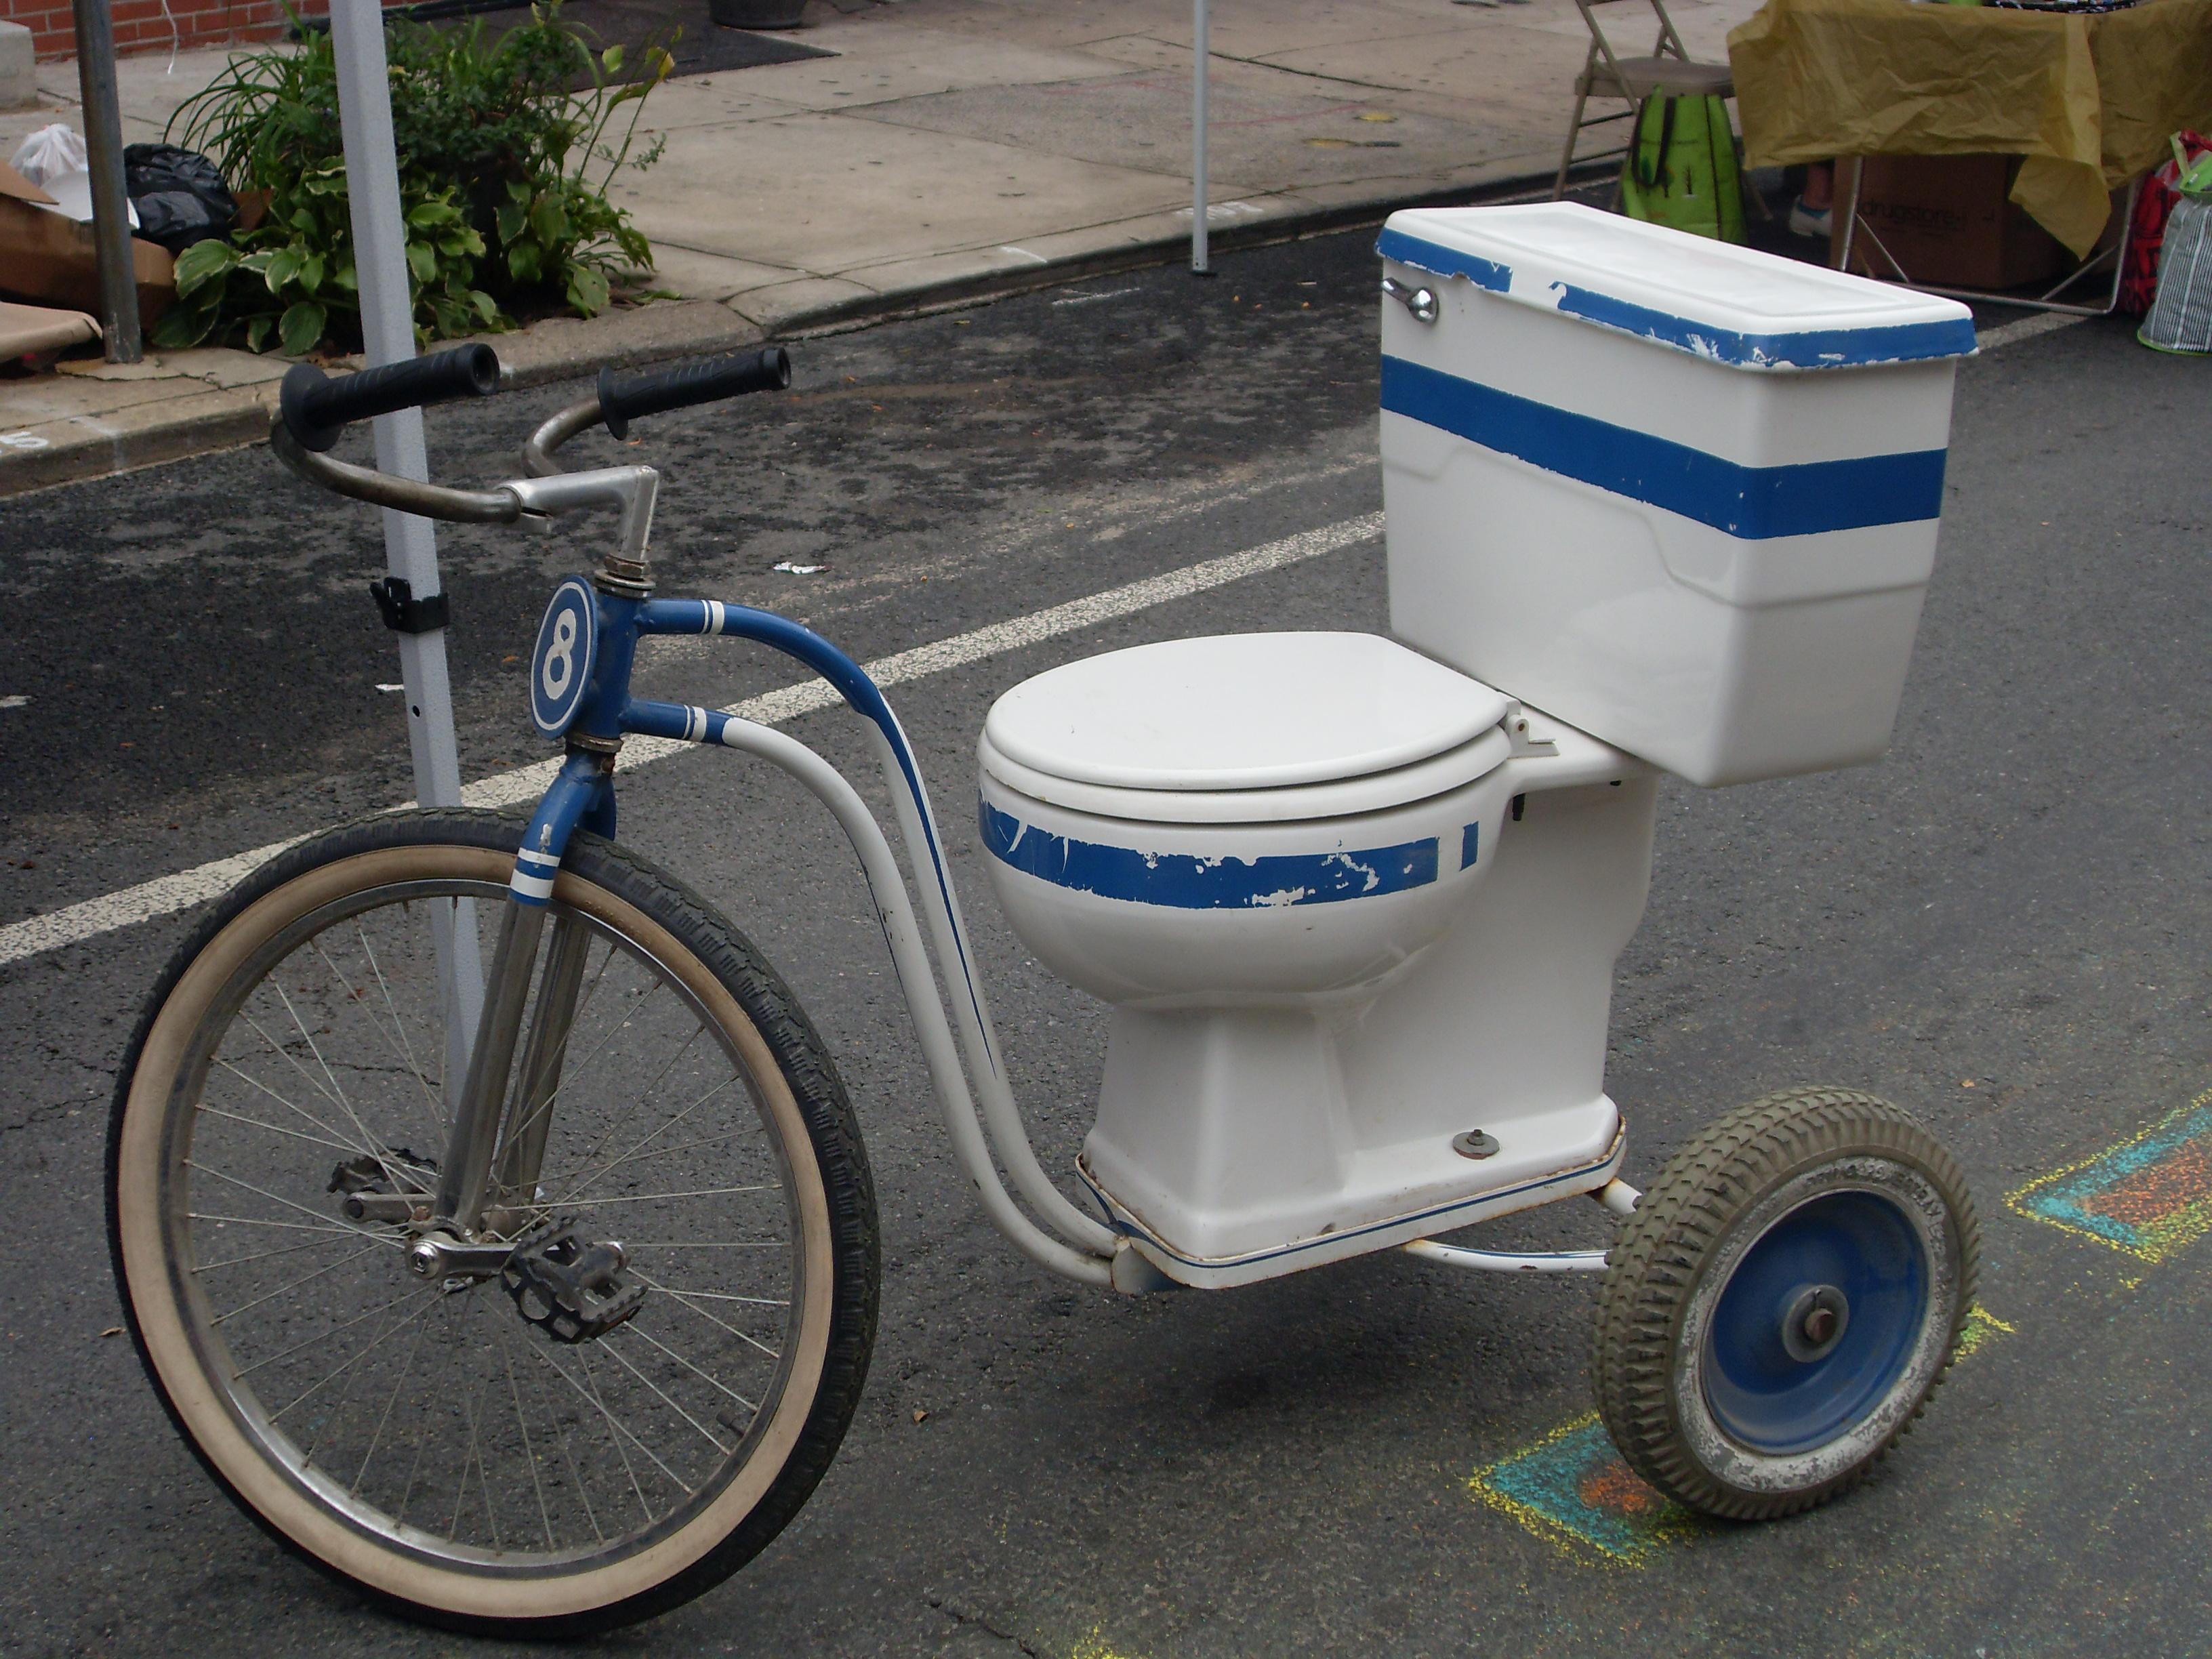 Taubheit Rennradsattel Toilettensitz